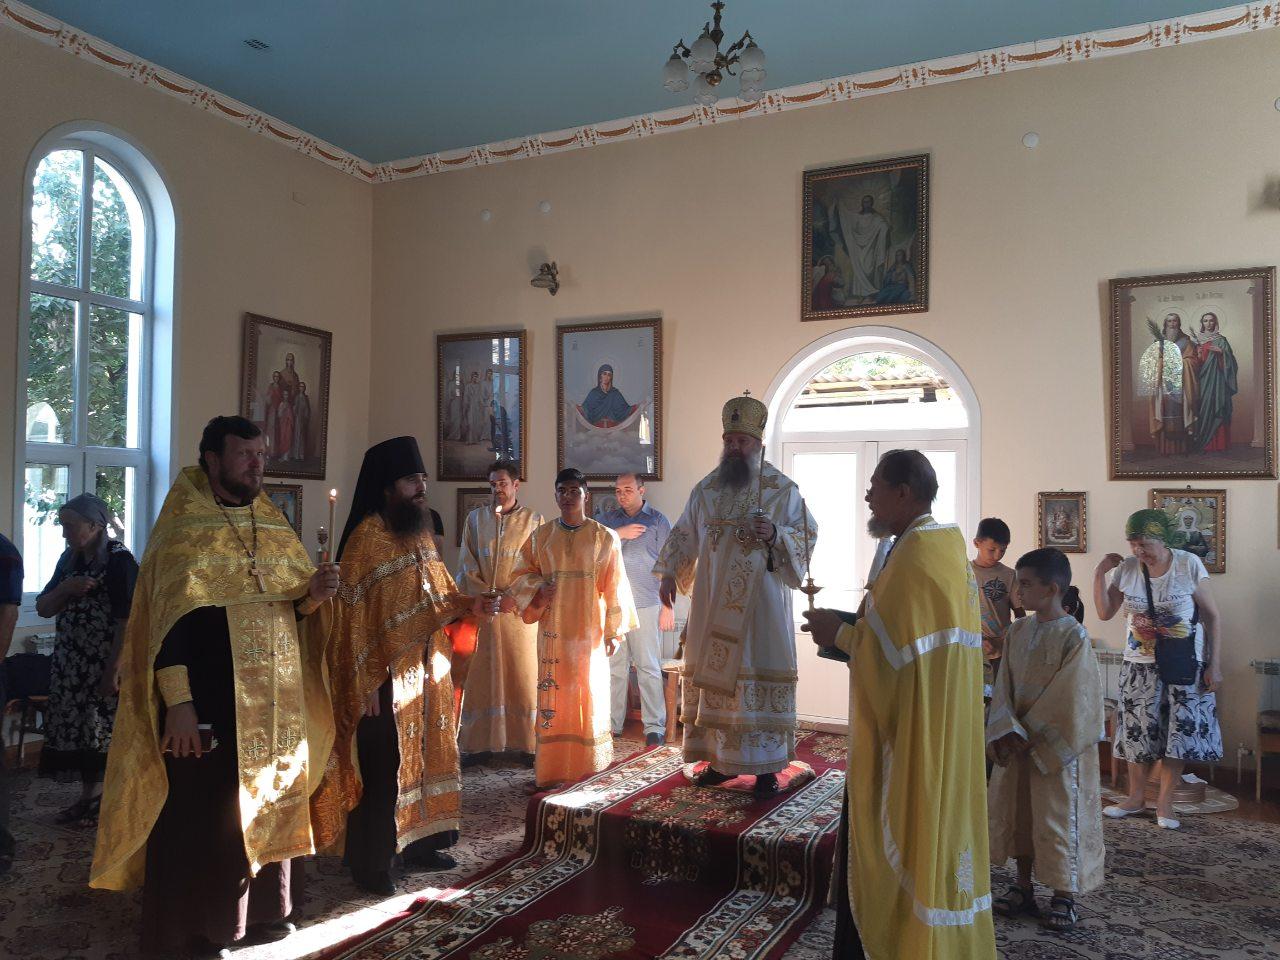 Епископ Питирим совершил Божественную литургию в храме святой равноапостольной Марии Магдалины г. Худжанд